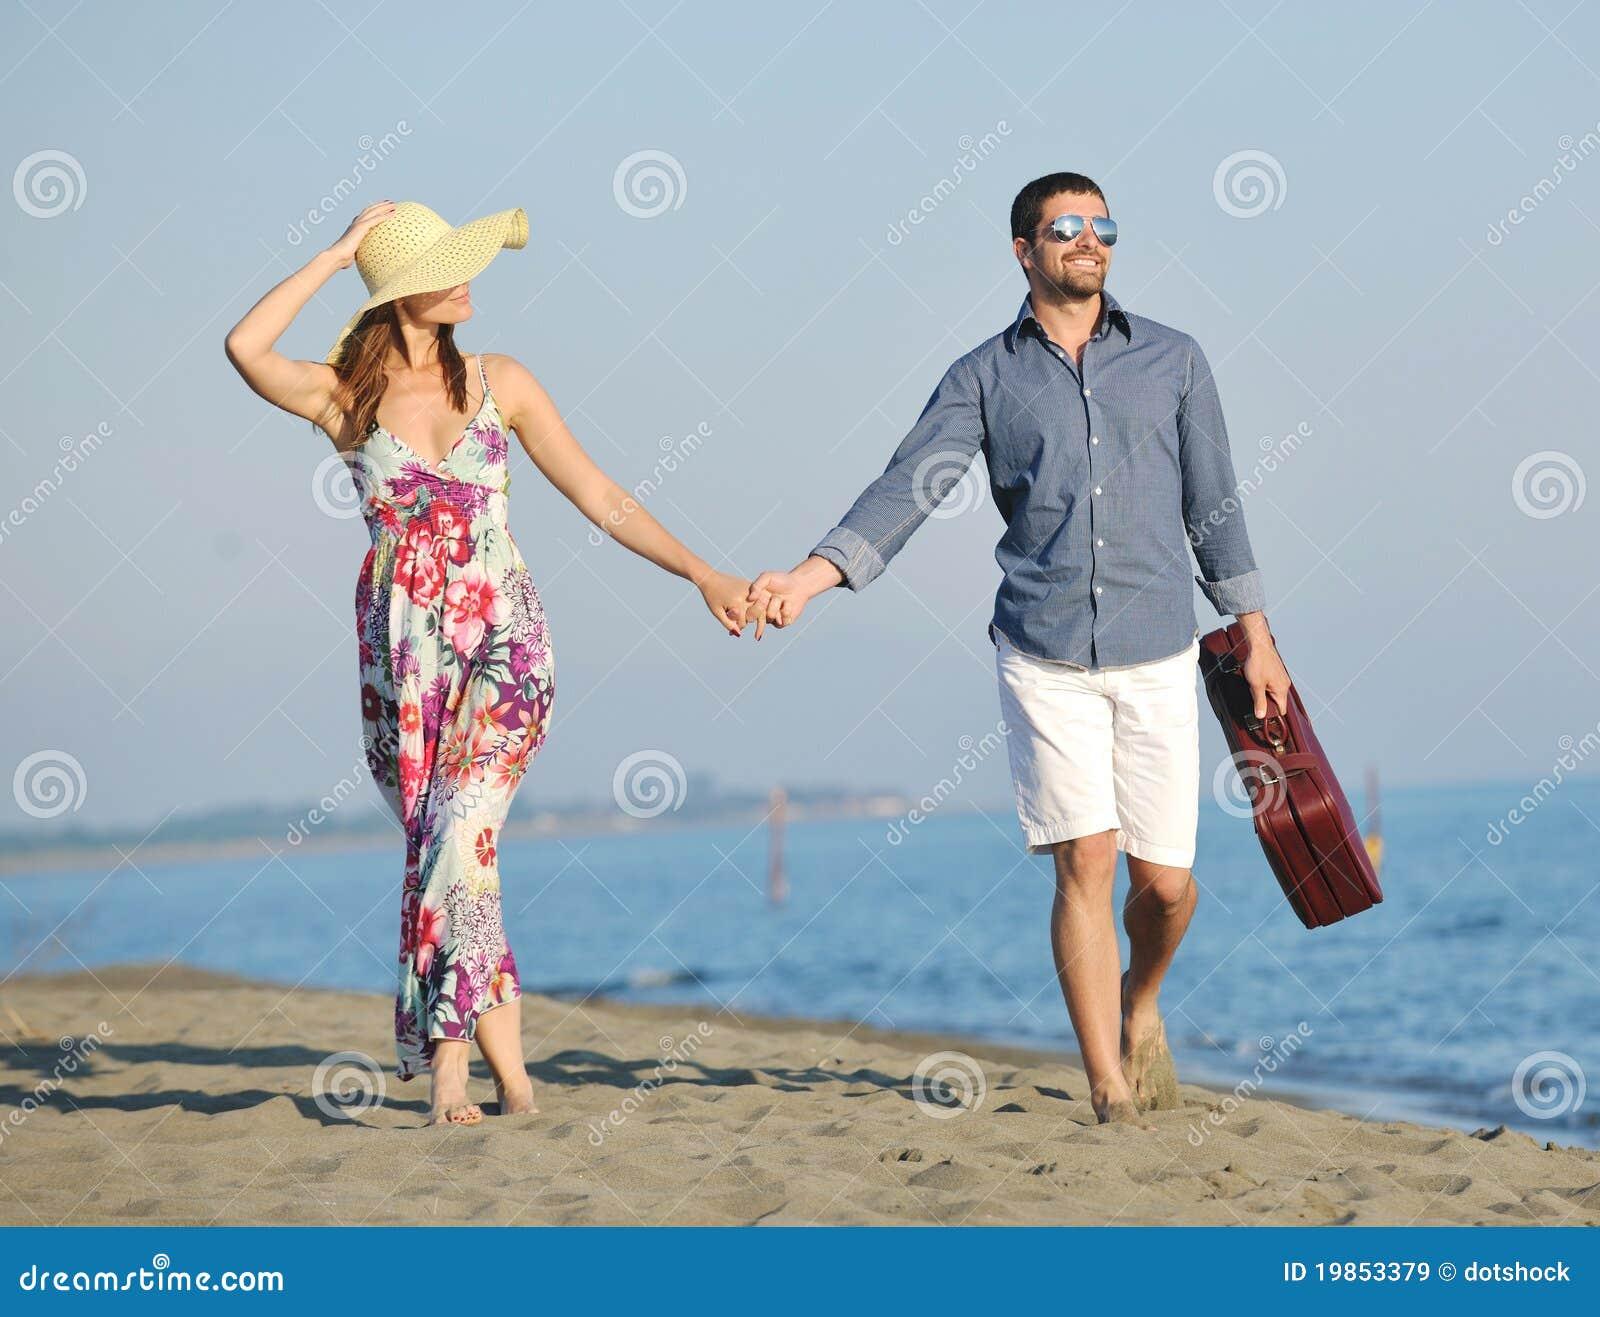 Lyckliga strandpar har romantiskt tidbarn